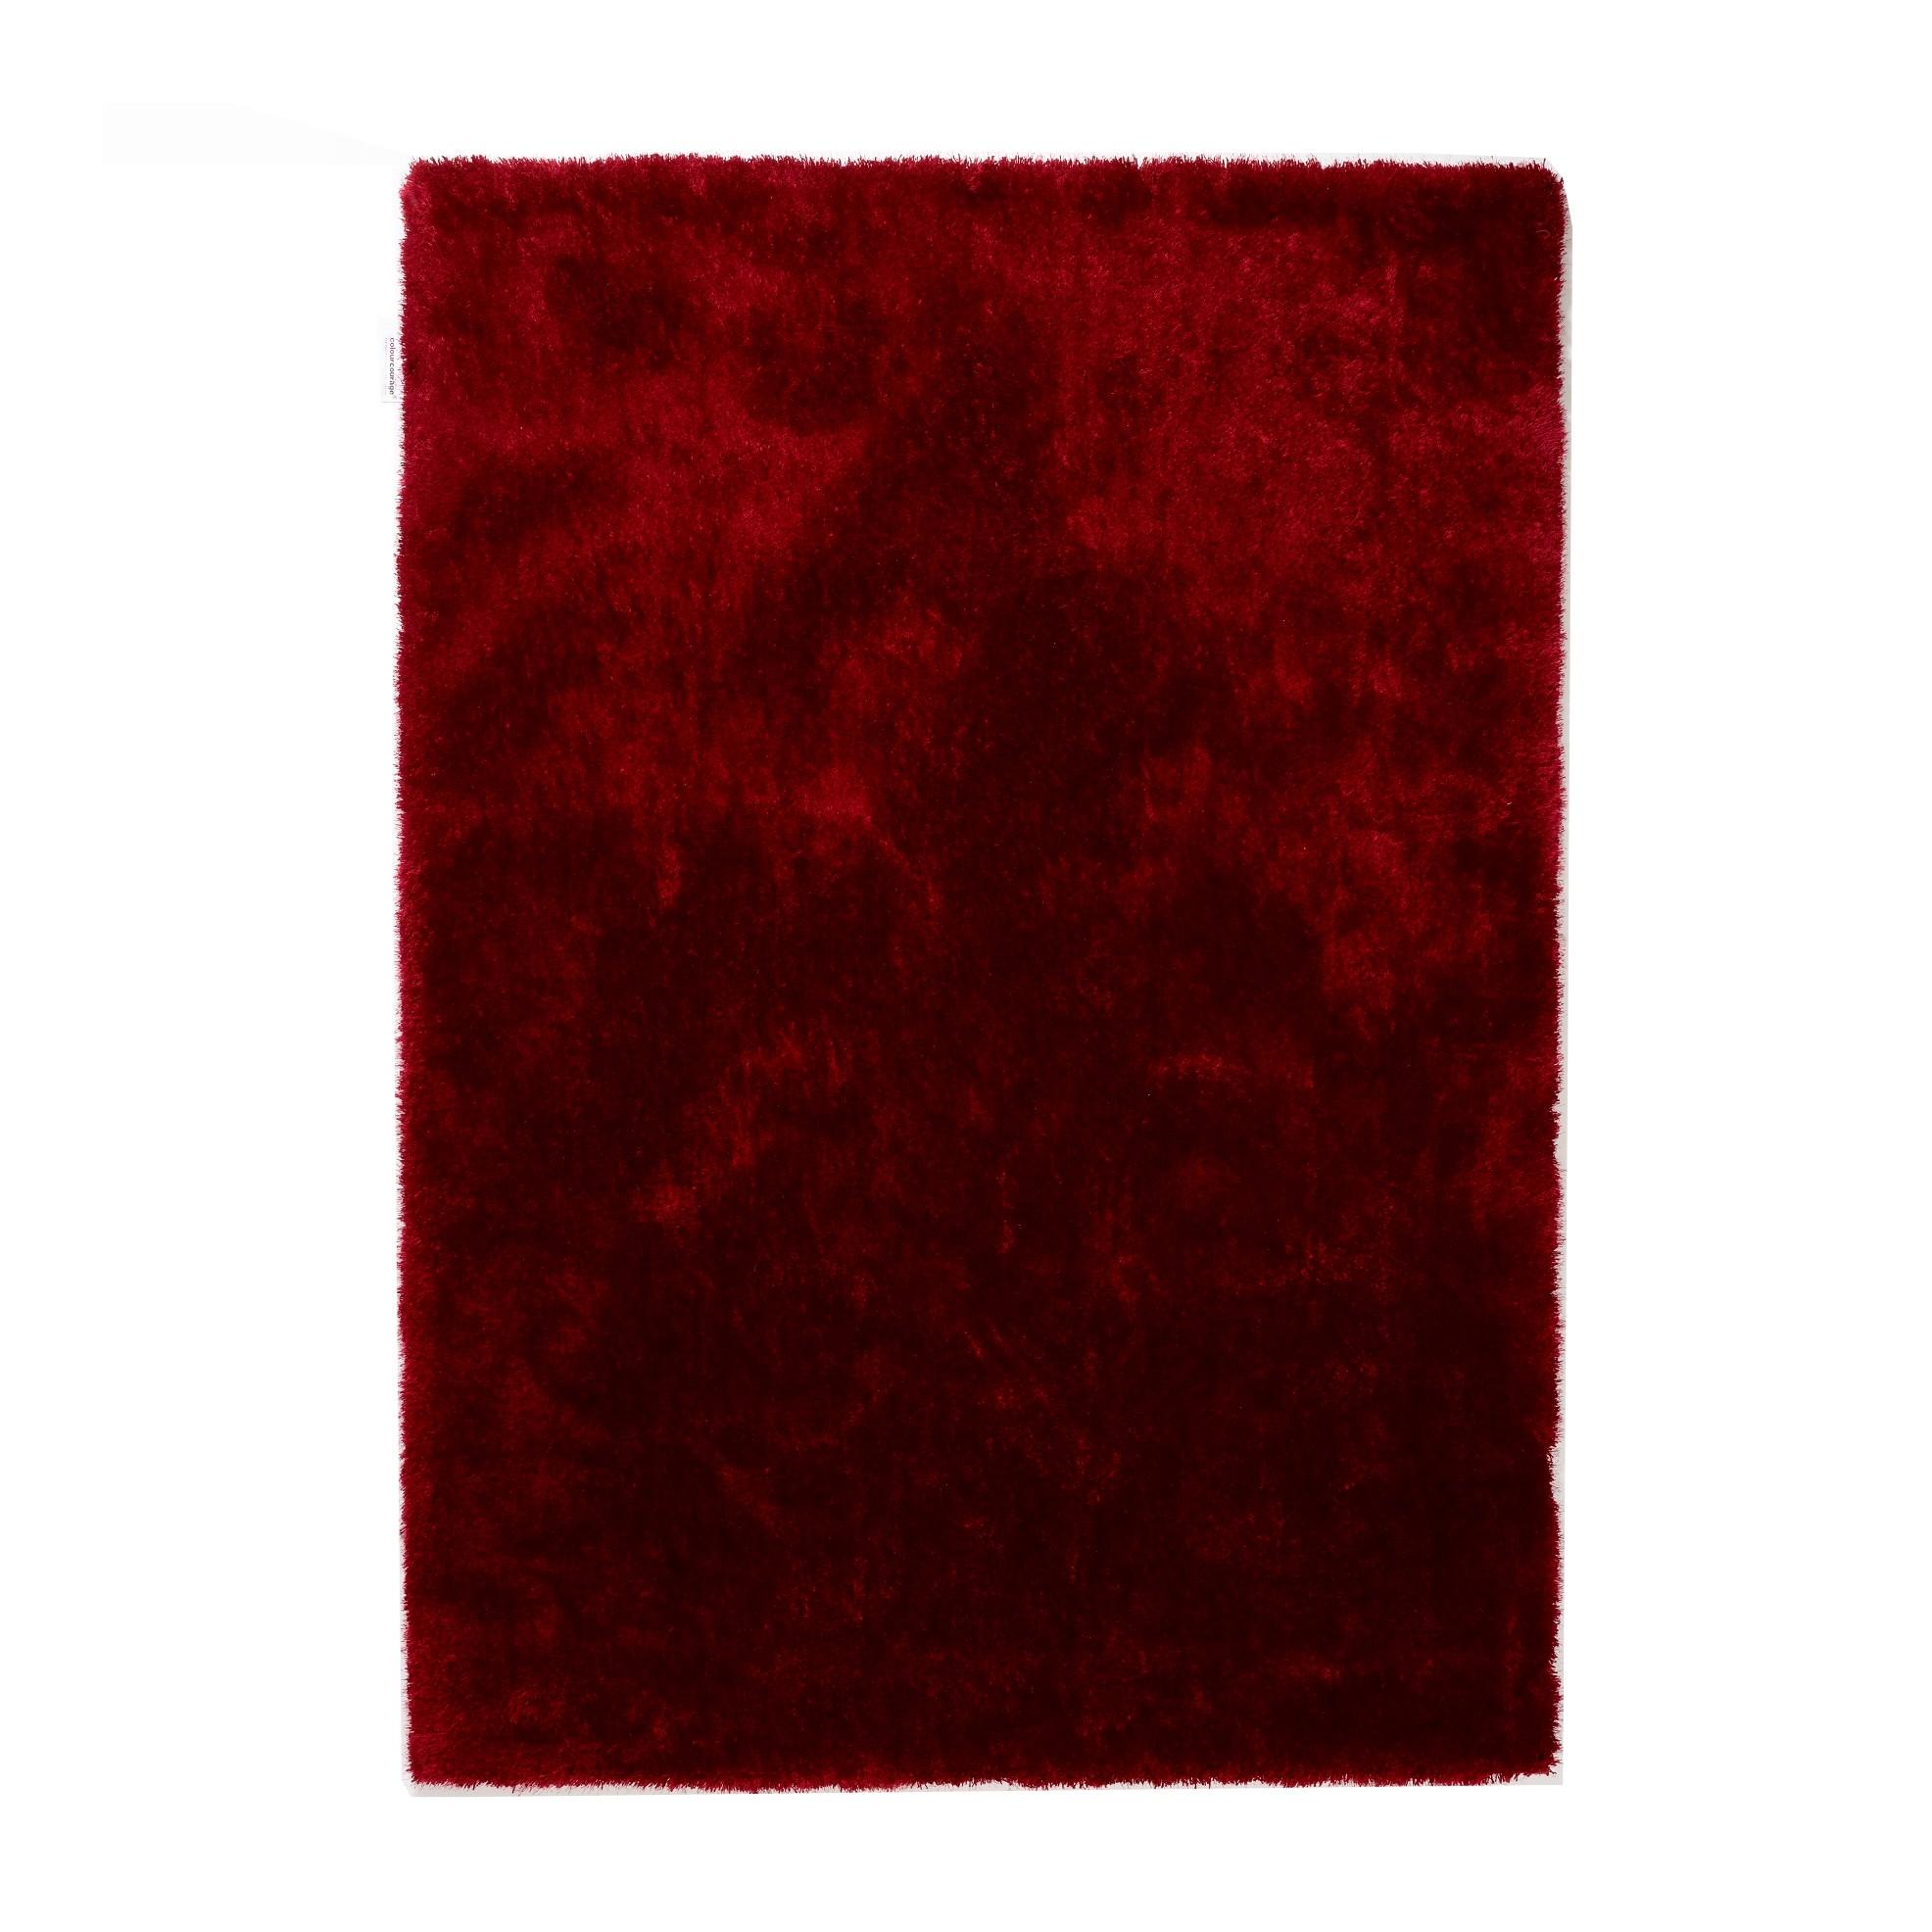 Tapijt Burdeos - bordeaux - 70x140cm, Colourcourage